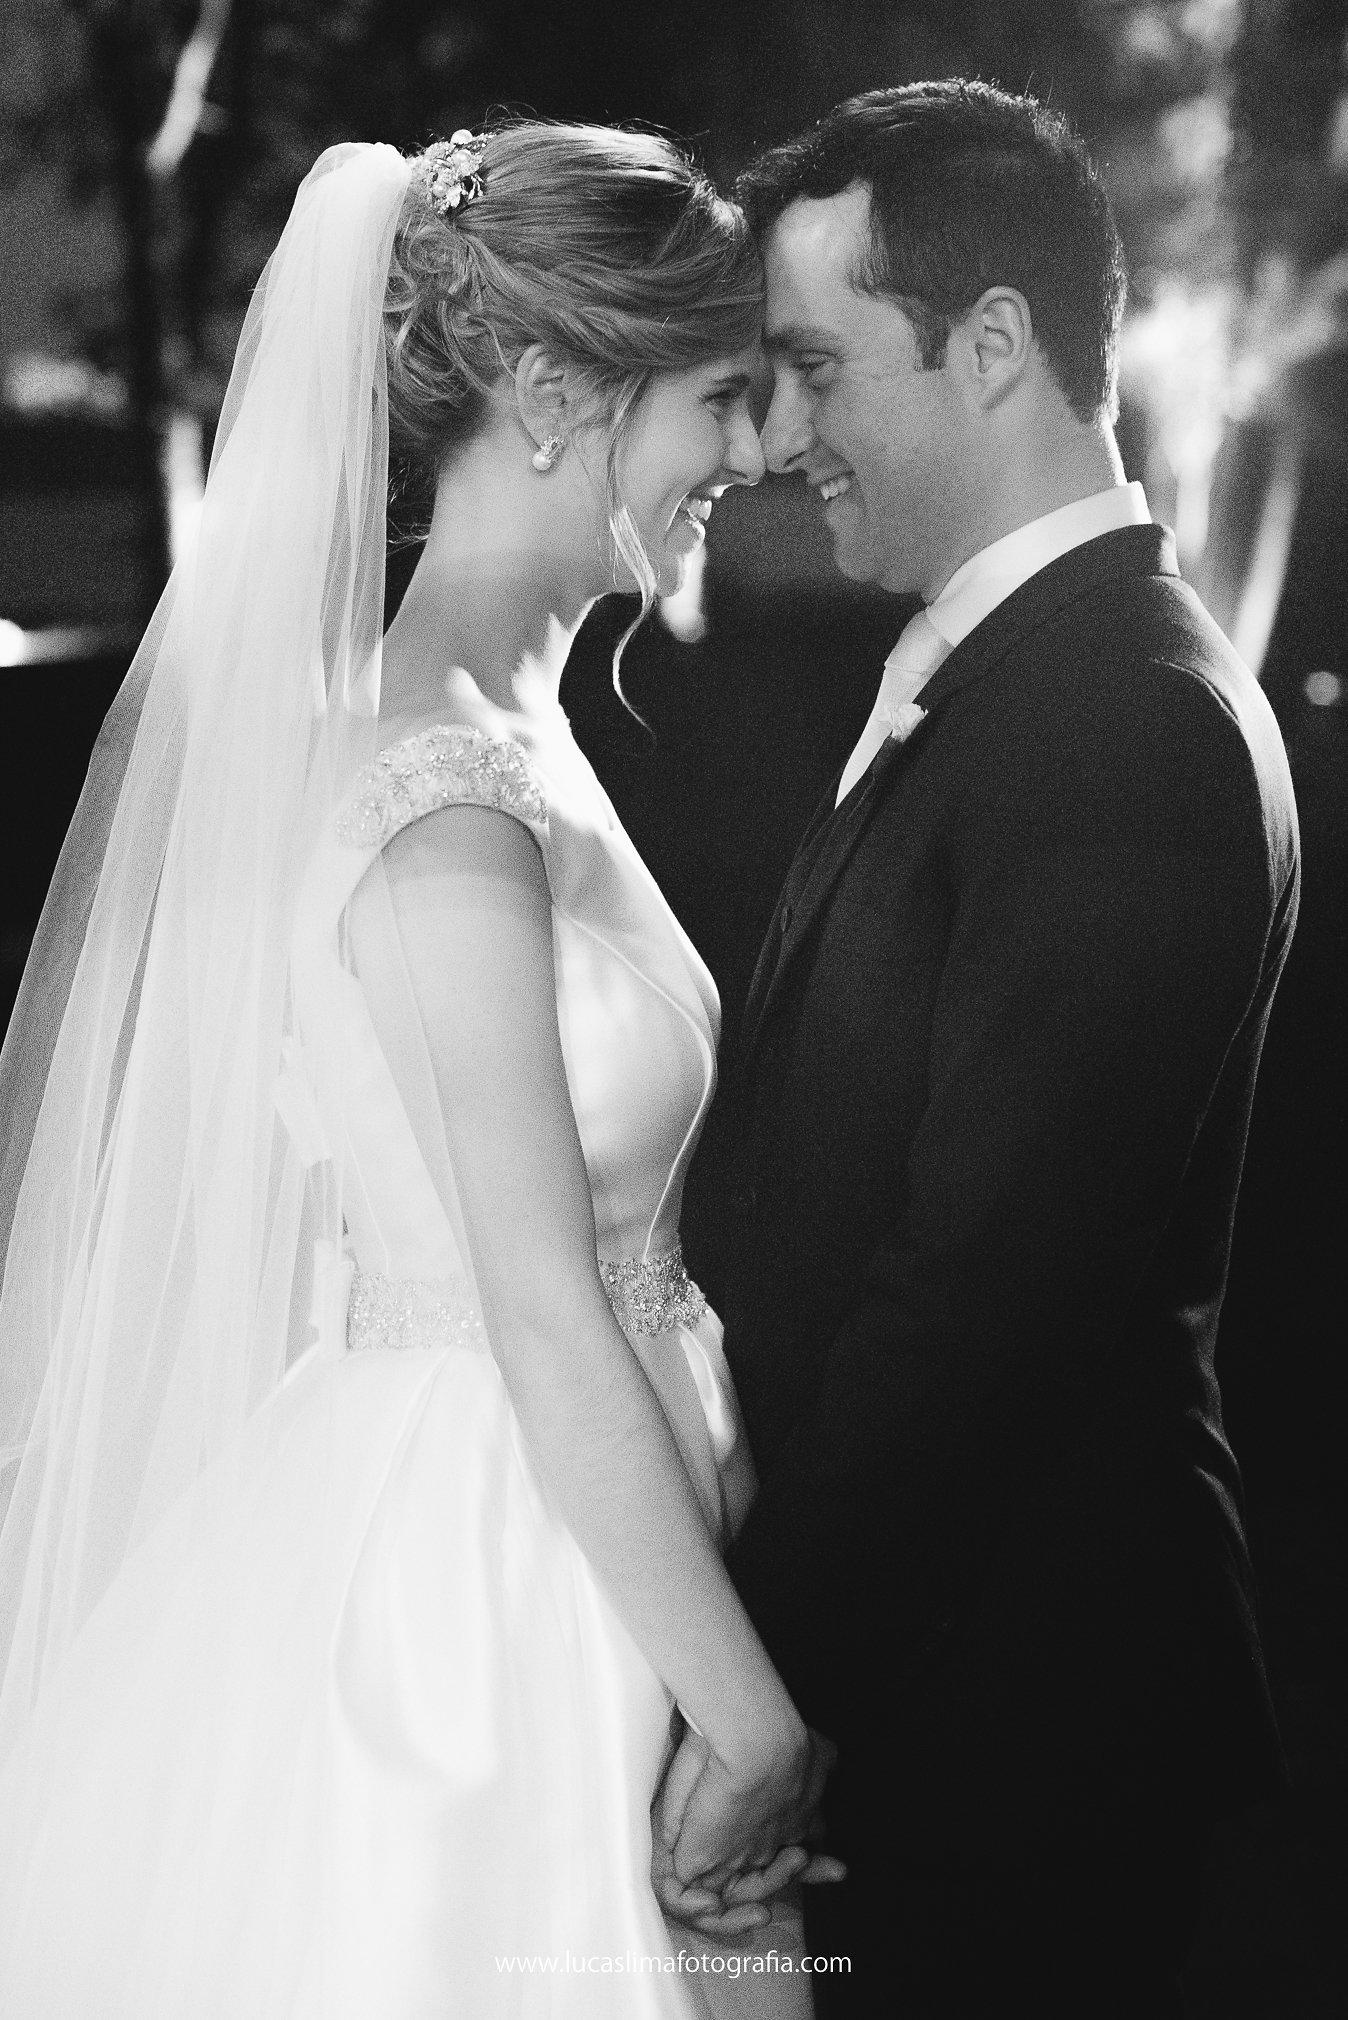 casamento-flavia-e-thomas-lucaslimafotografia-161